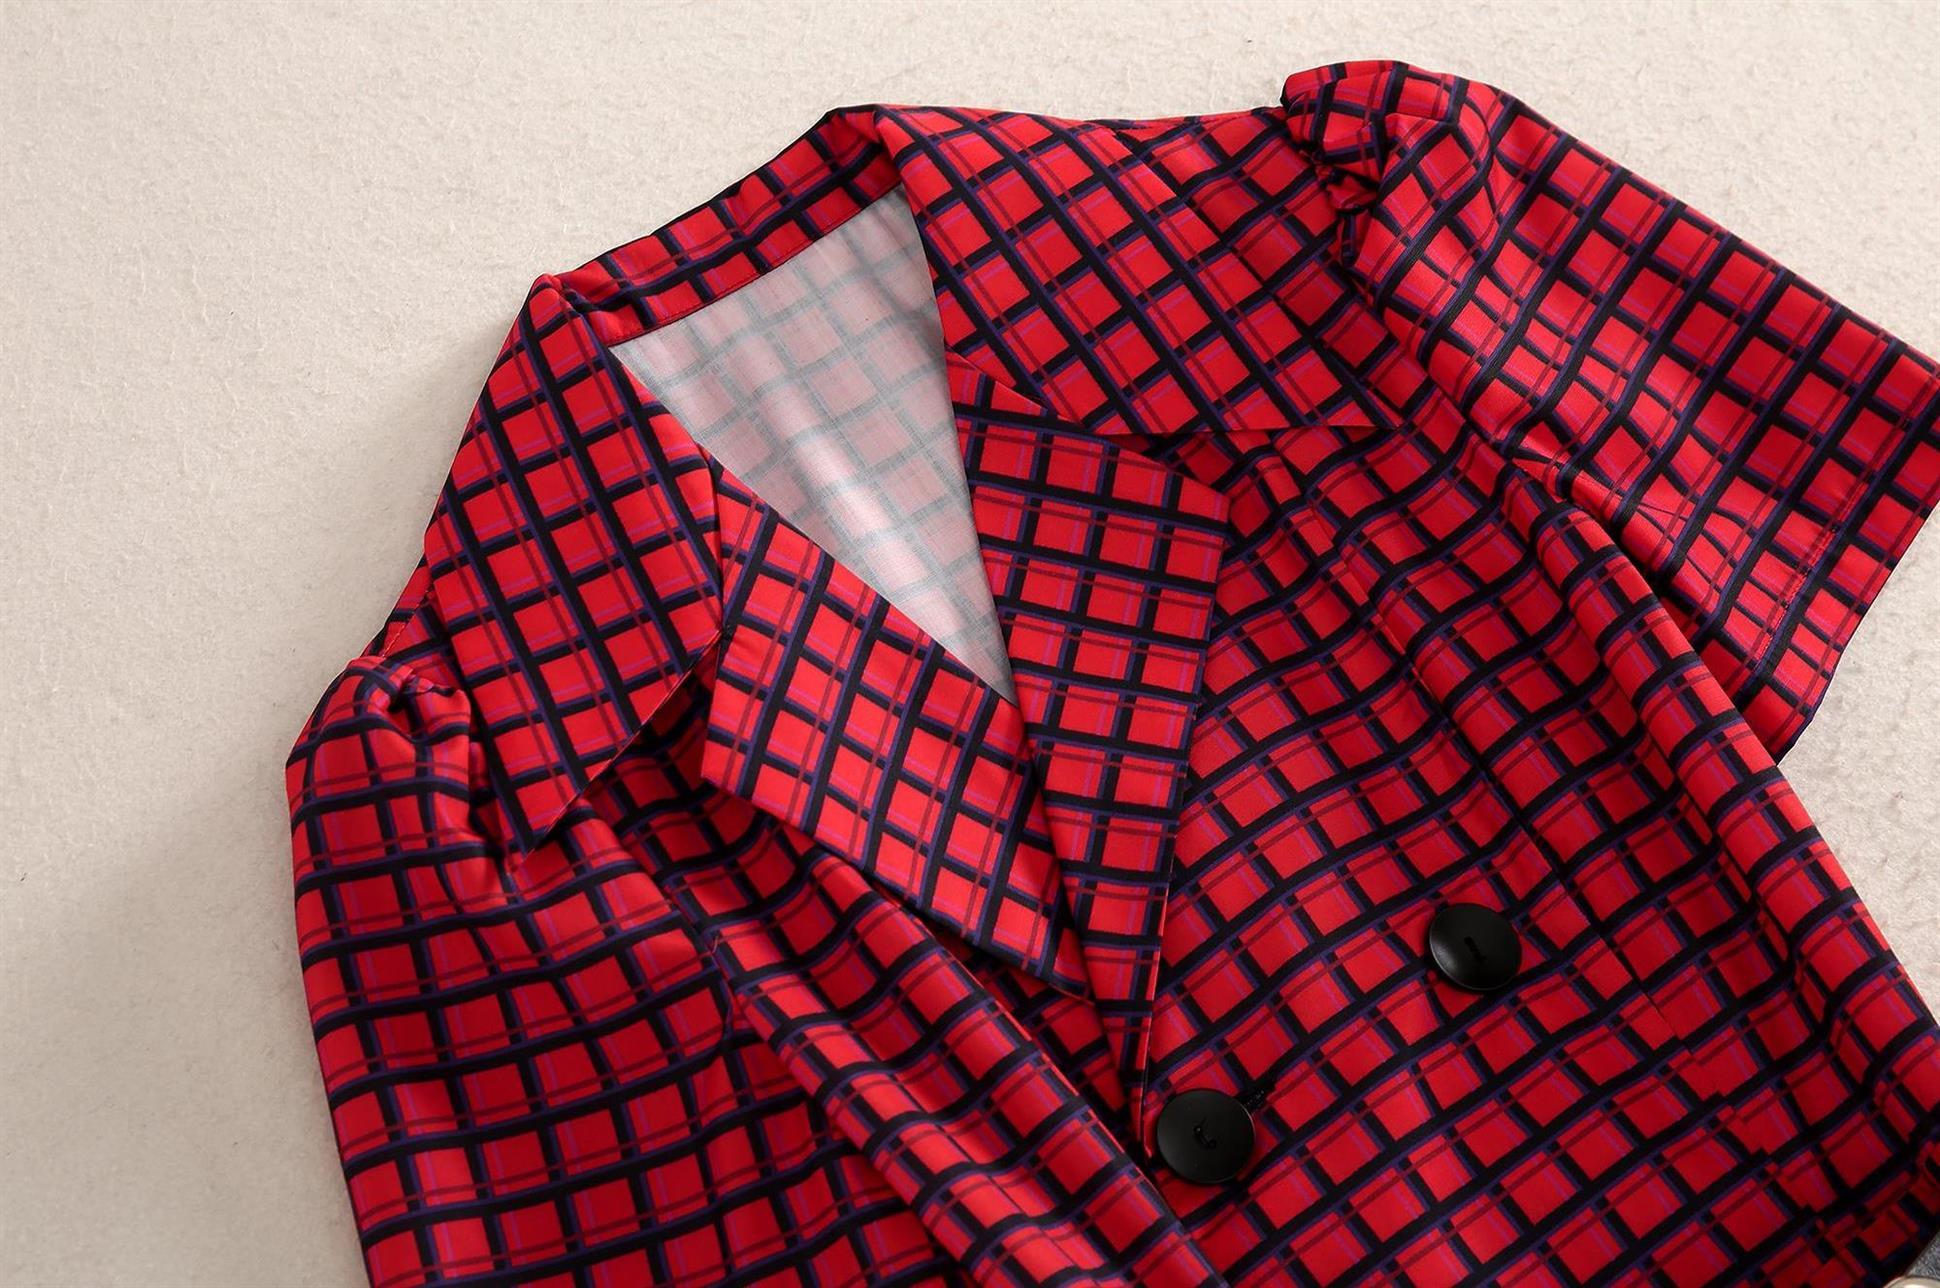 红色格子衬衫 陆妍淇明星同款高端时尚名媛气质红色格子衬衫短袖连衣裙女装夏季_推荐淘宝好看的女红色格子衬衫